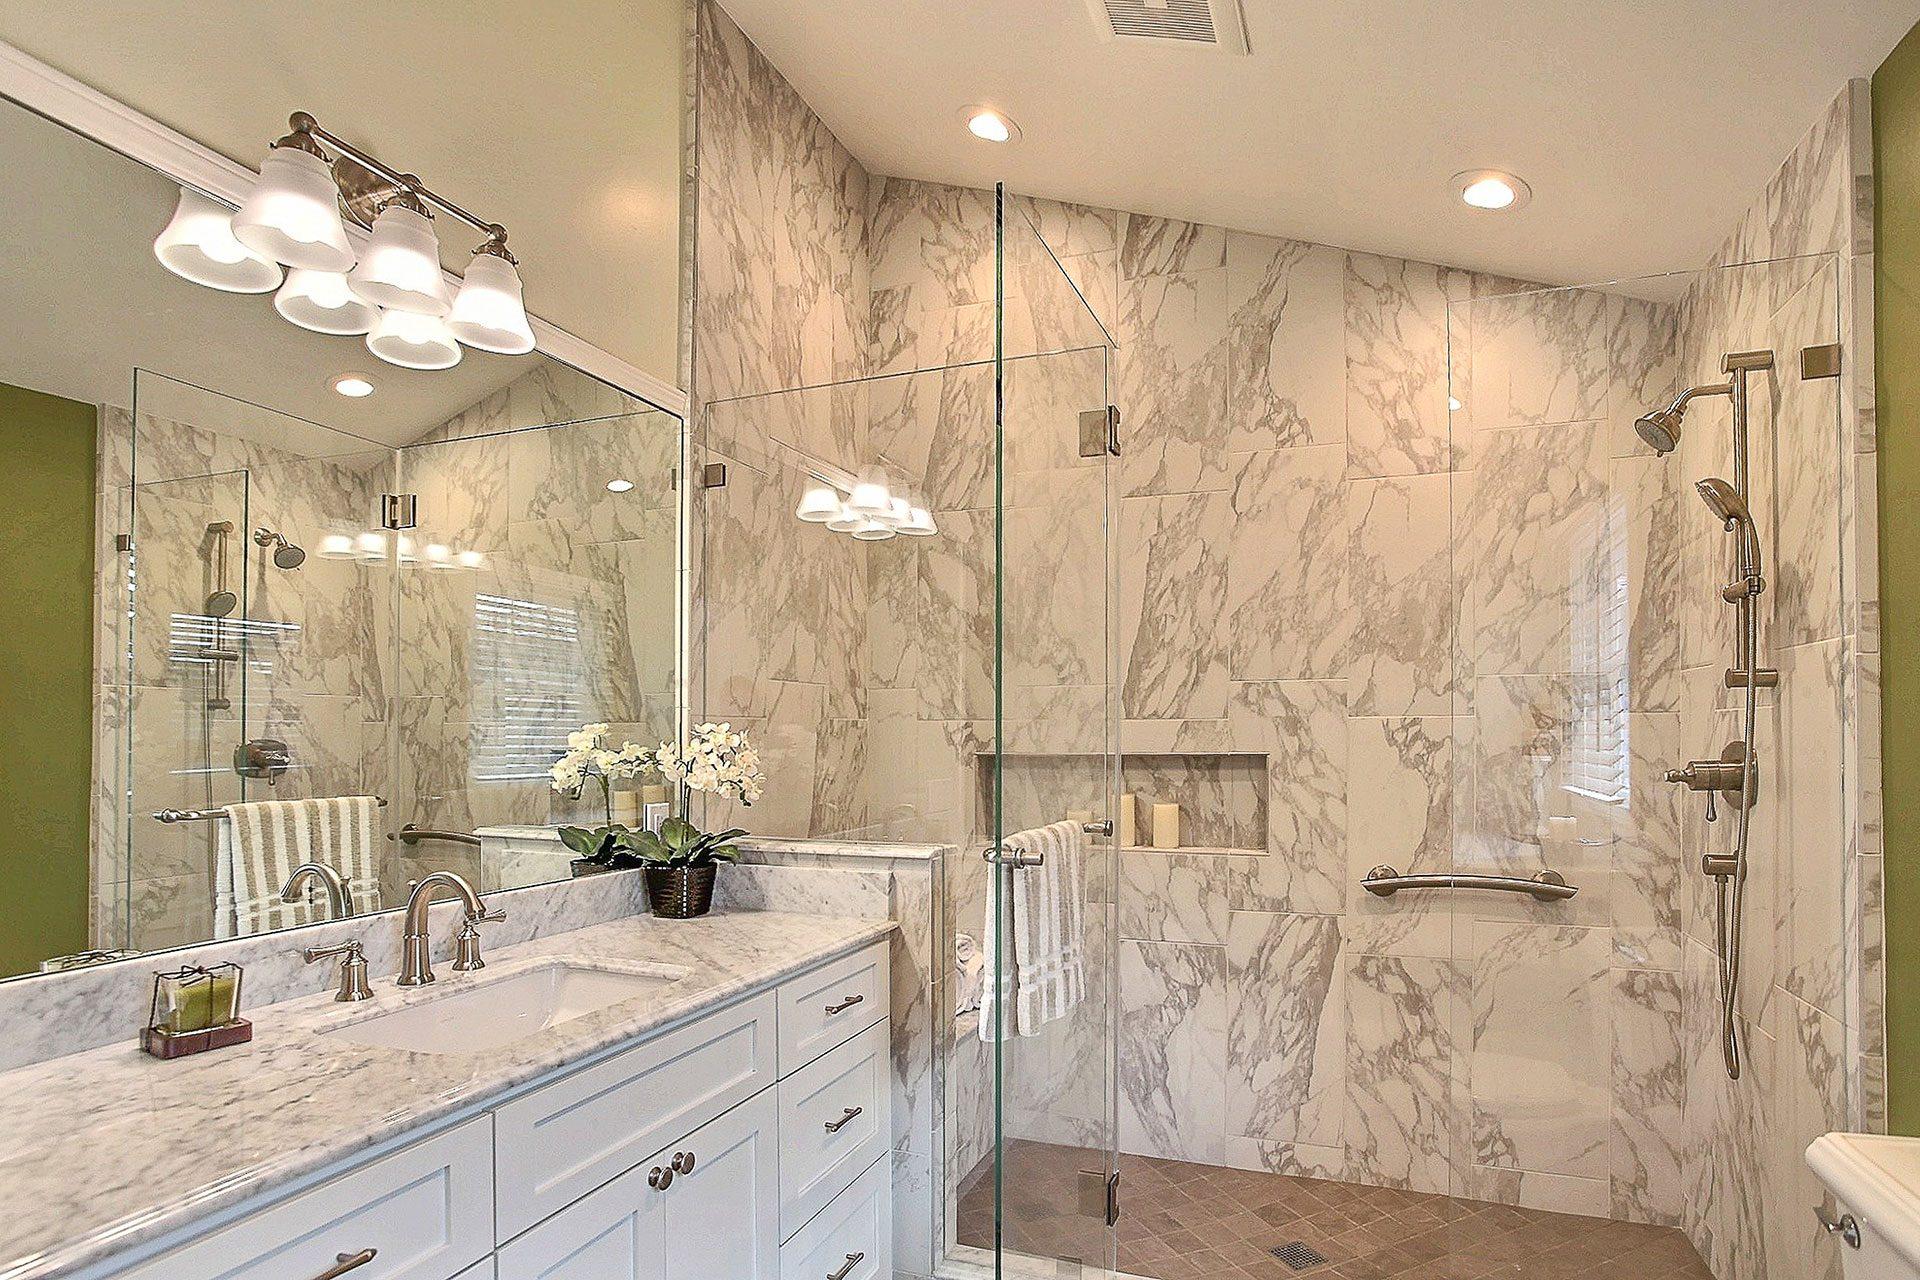 master bathroom after being remodeled